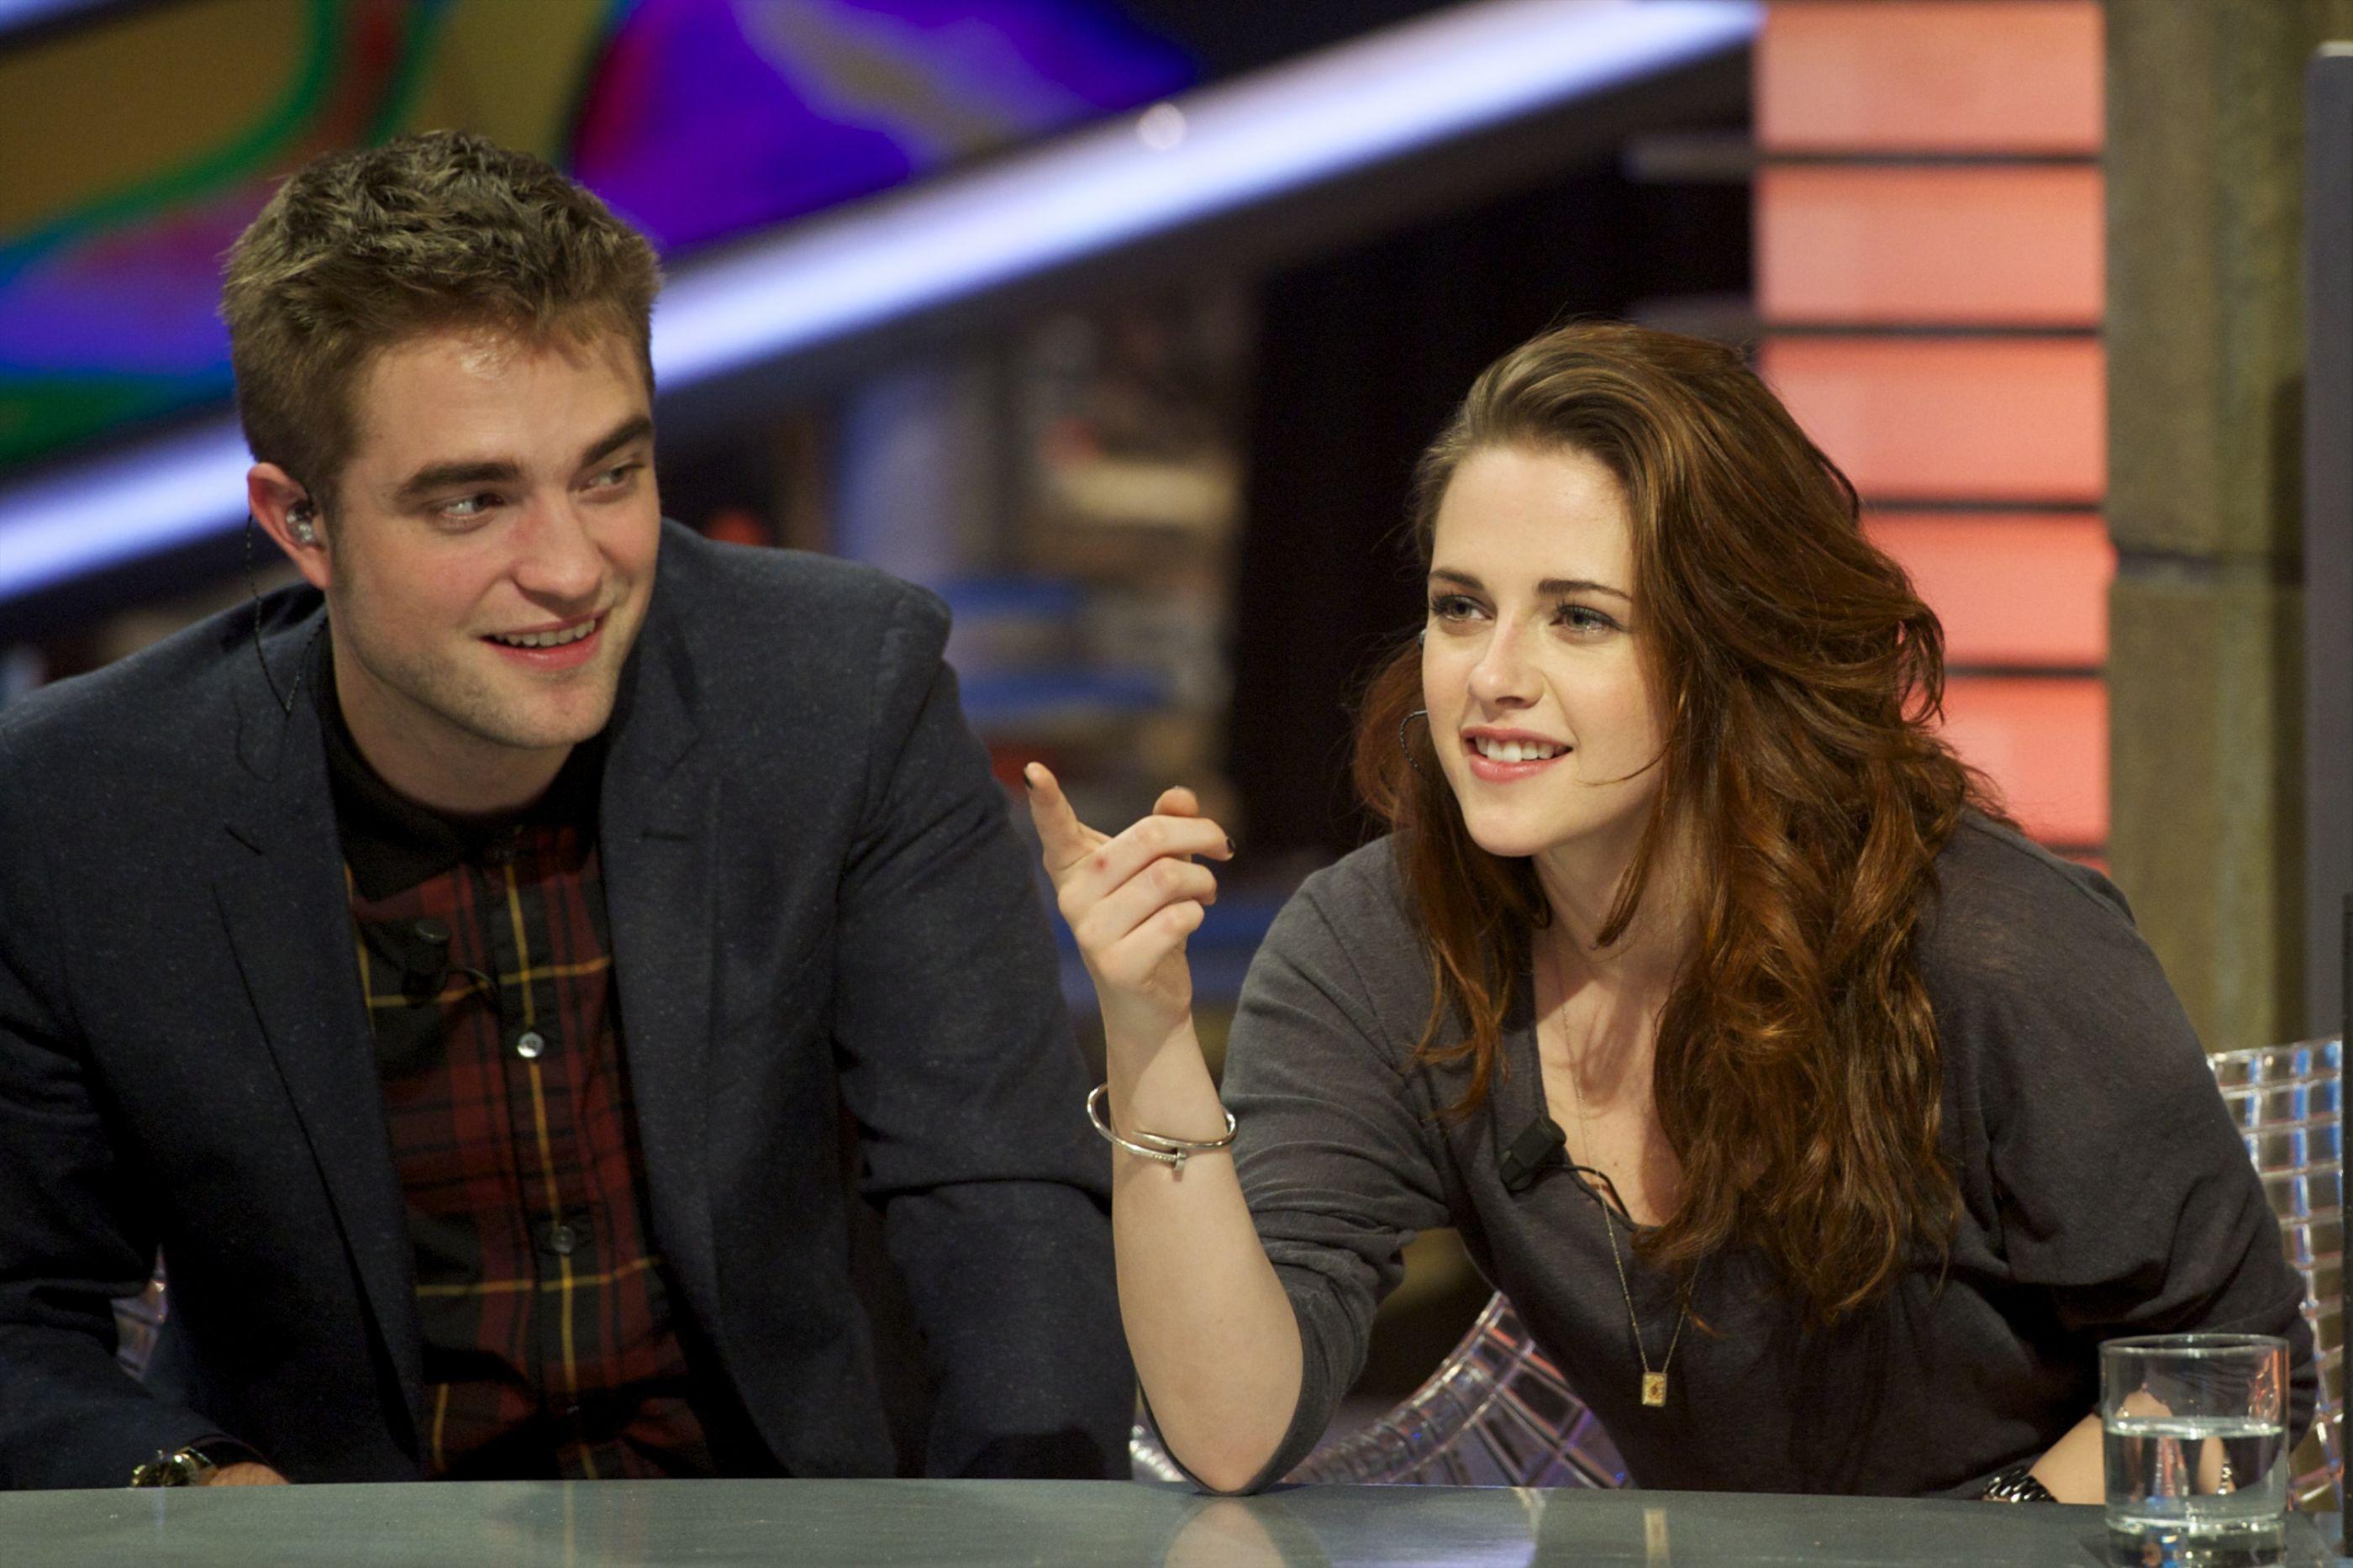 Remorsos da traição? Kristen Stewart ainda pensa em Robert Pattinson